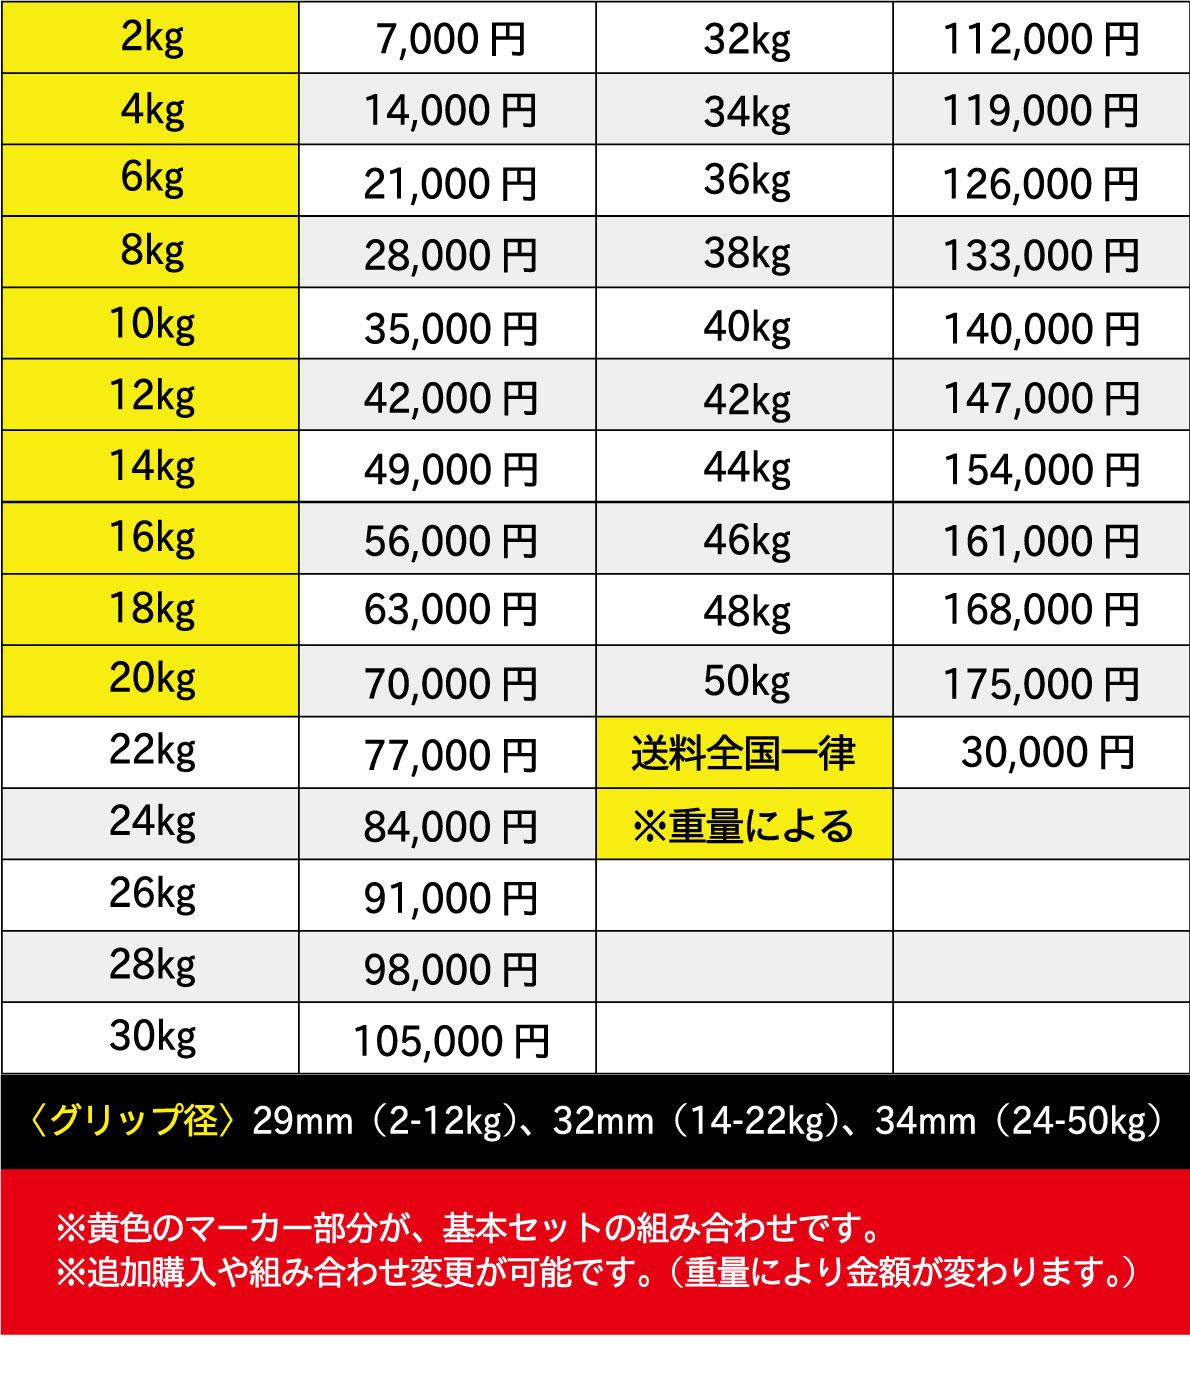 ウレタンダンベル/アレーの10ペアセット(2kg-20kg)〈業務用〉《総合格闘技UFCオフィシャル》